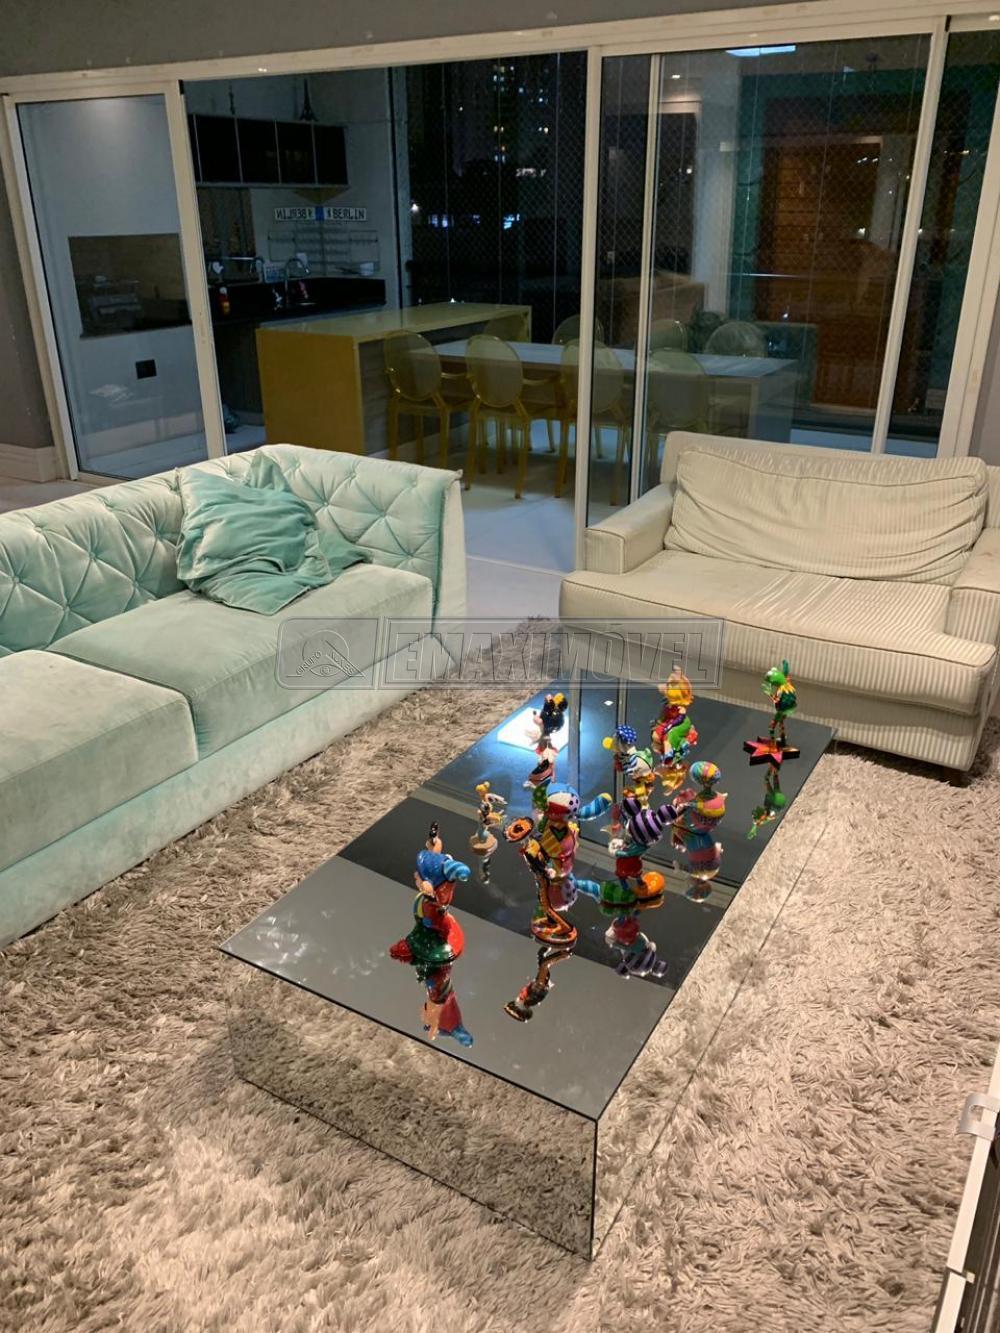 Comprar Apartamentos / Apto Padrão em Sorocaba apenas R$ 2.500.000,00 - Foto 3